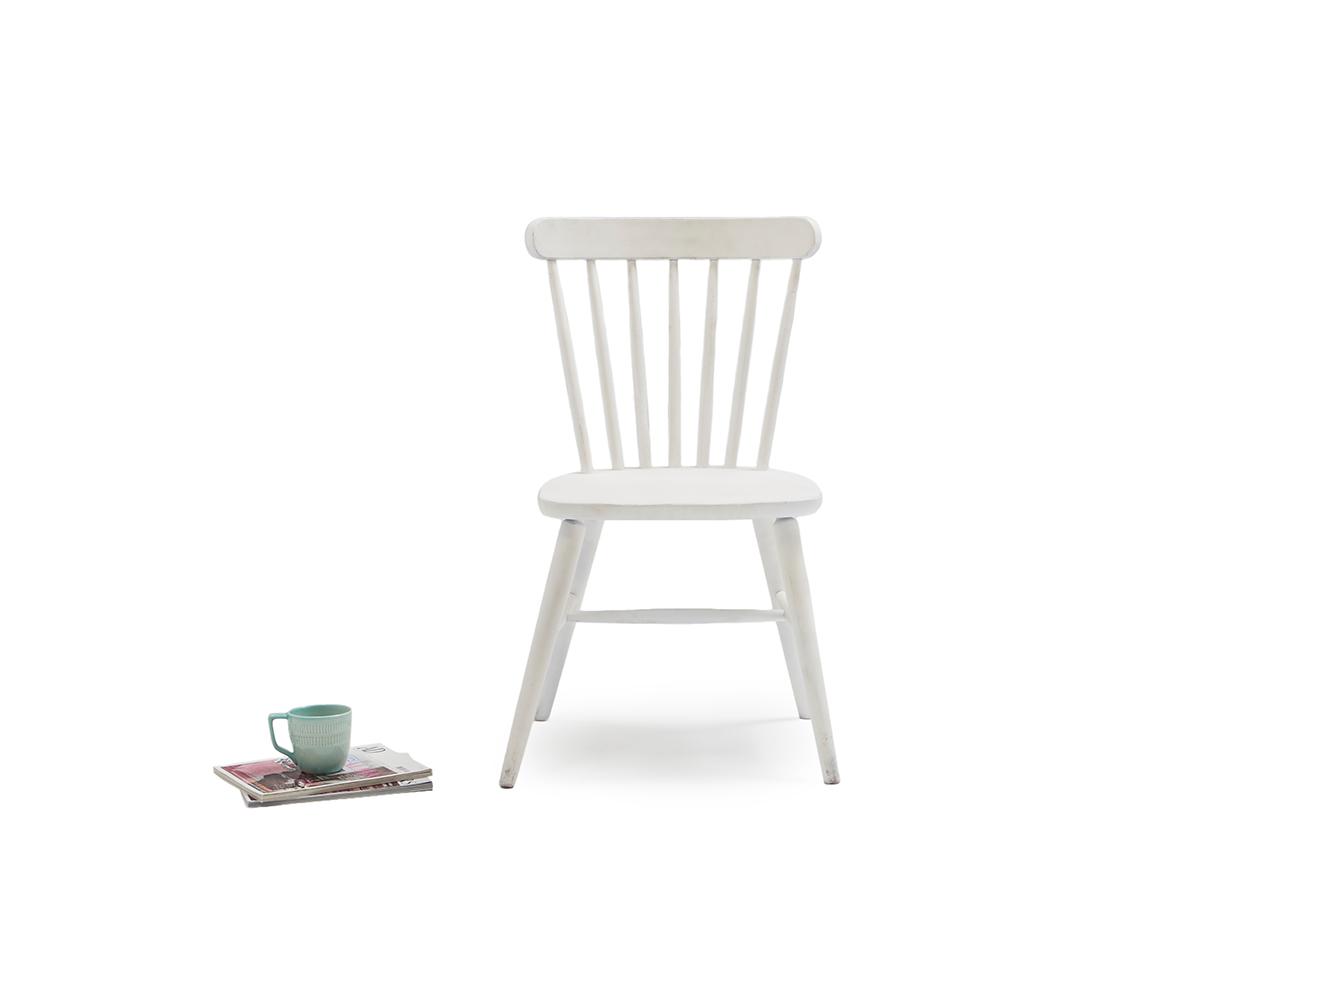 Natterbox Calm White Kitchen Chair